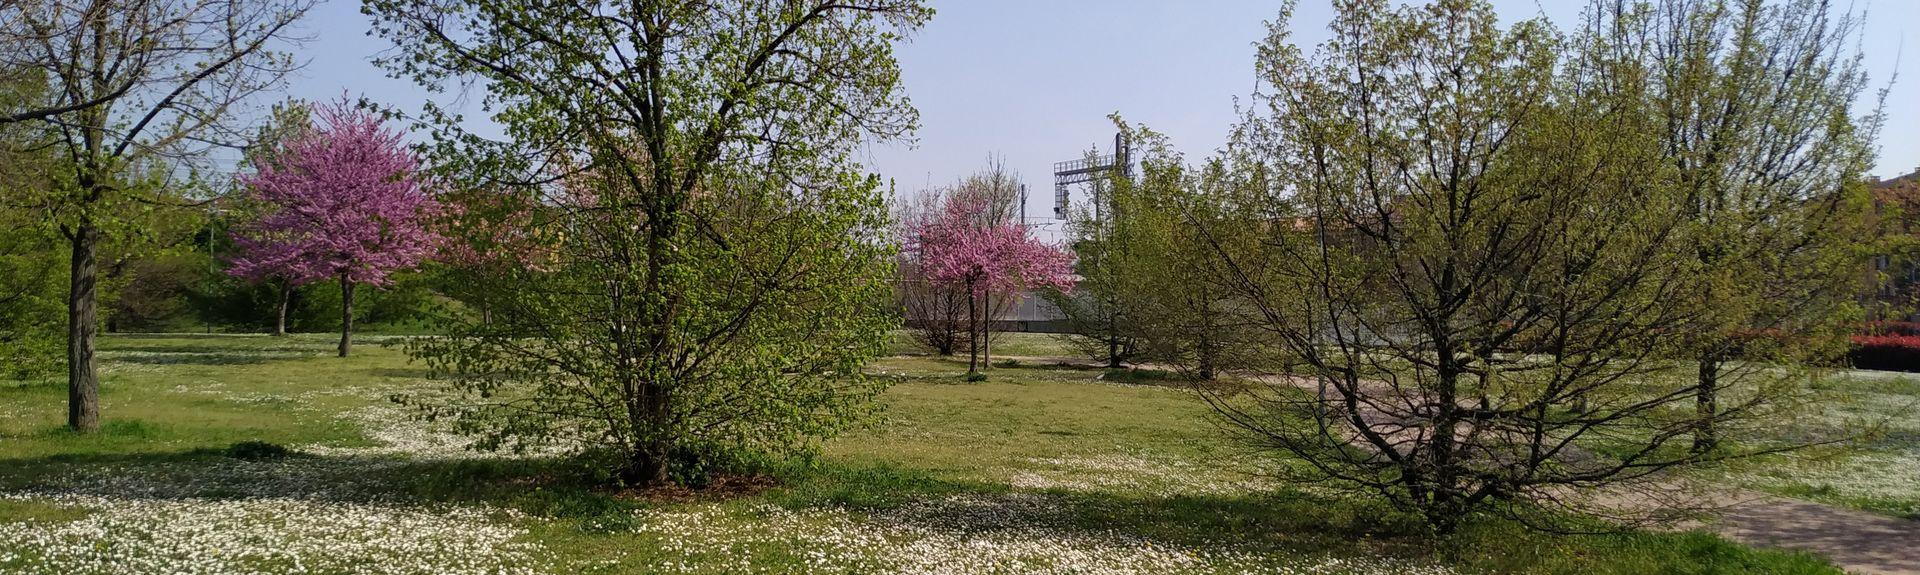 Ozzano dell'Emilia, Émilie-Romagne, Italie